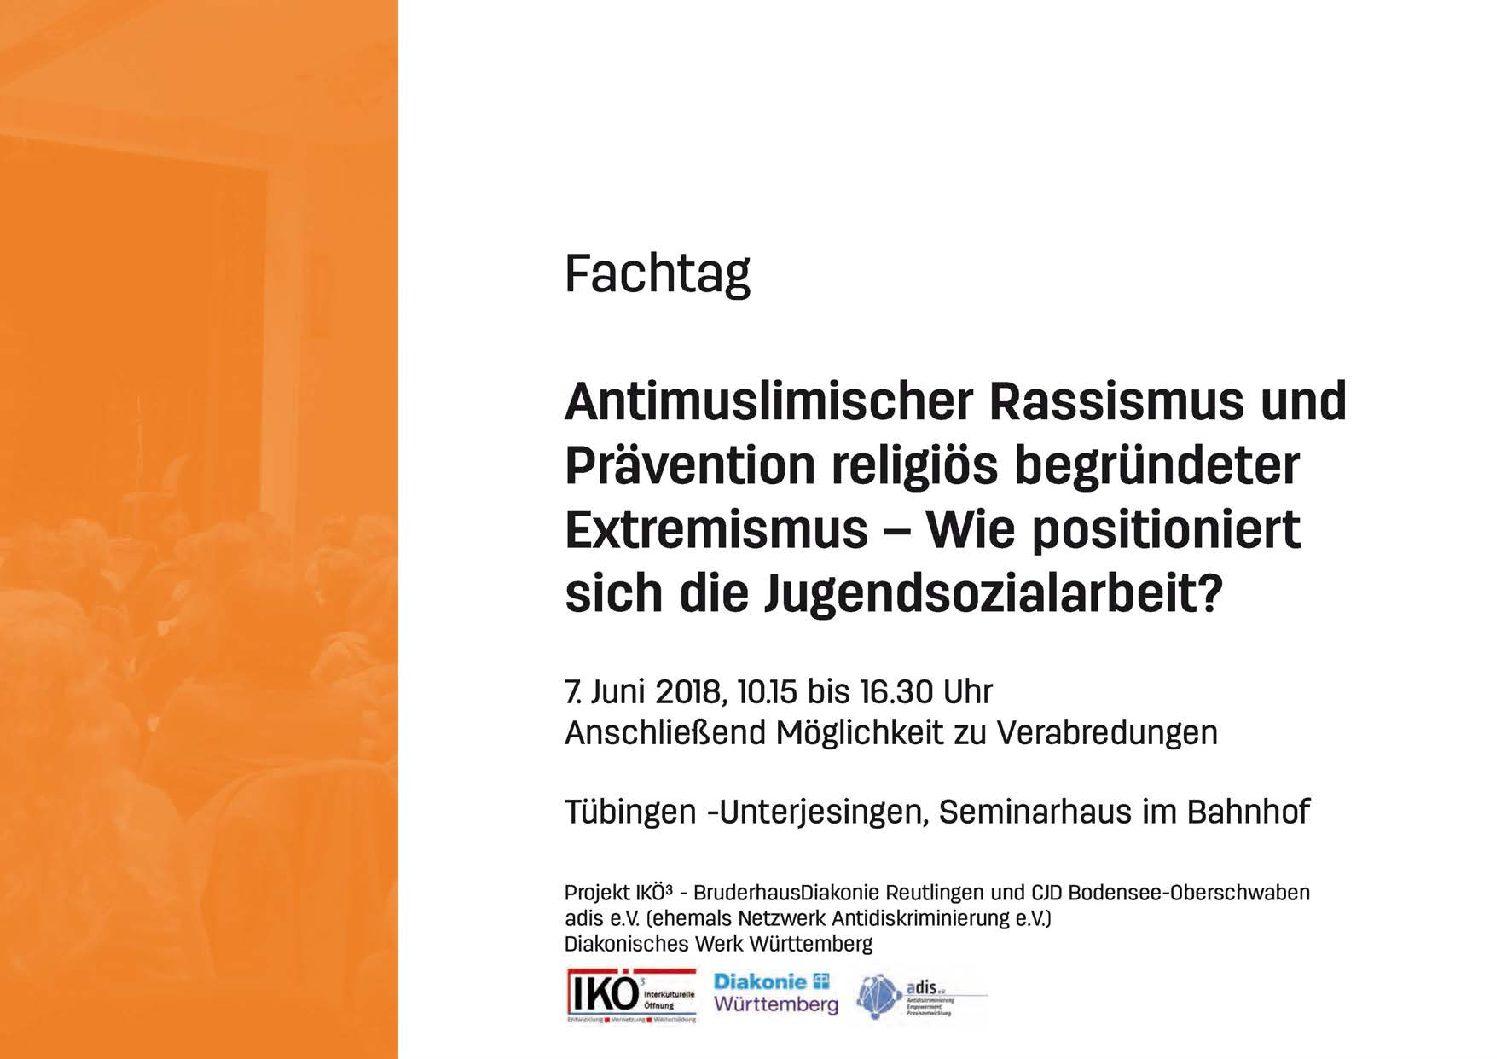 Fachtag am 7.6.18: Antimuslimischer Rassismus und Prävention religiös begründeter Extremismus